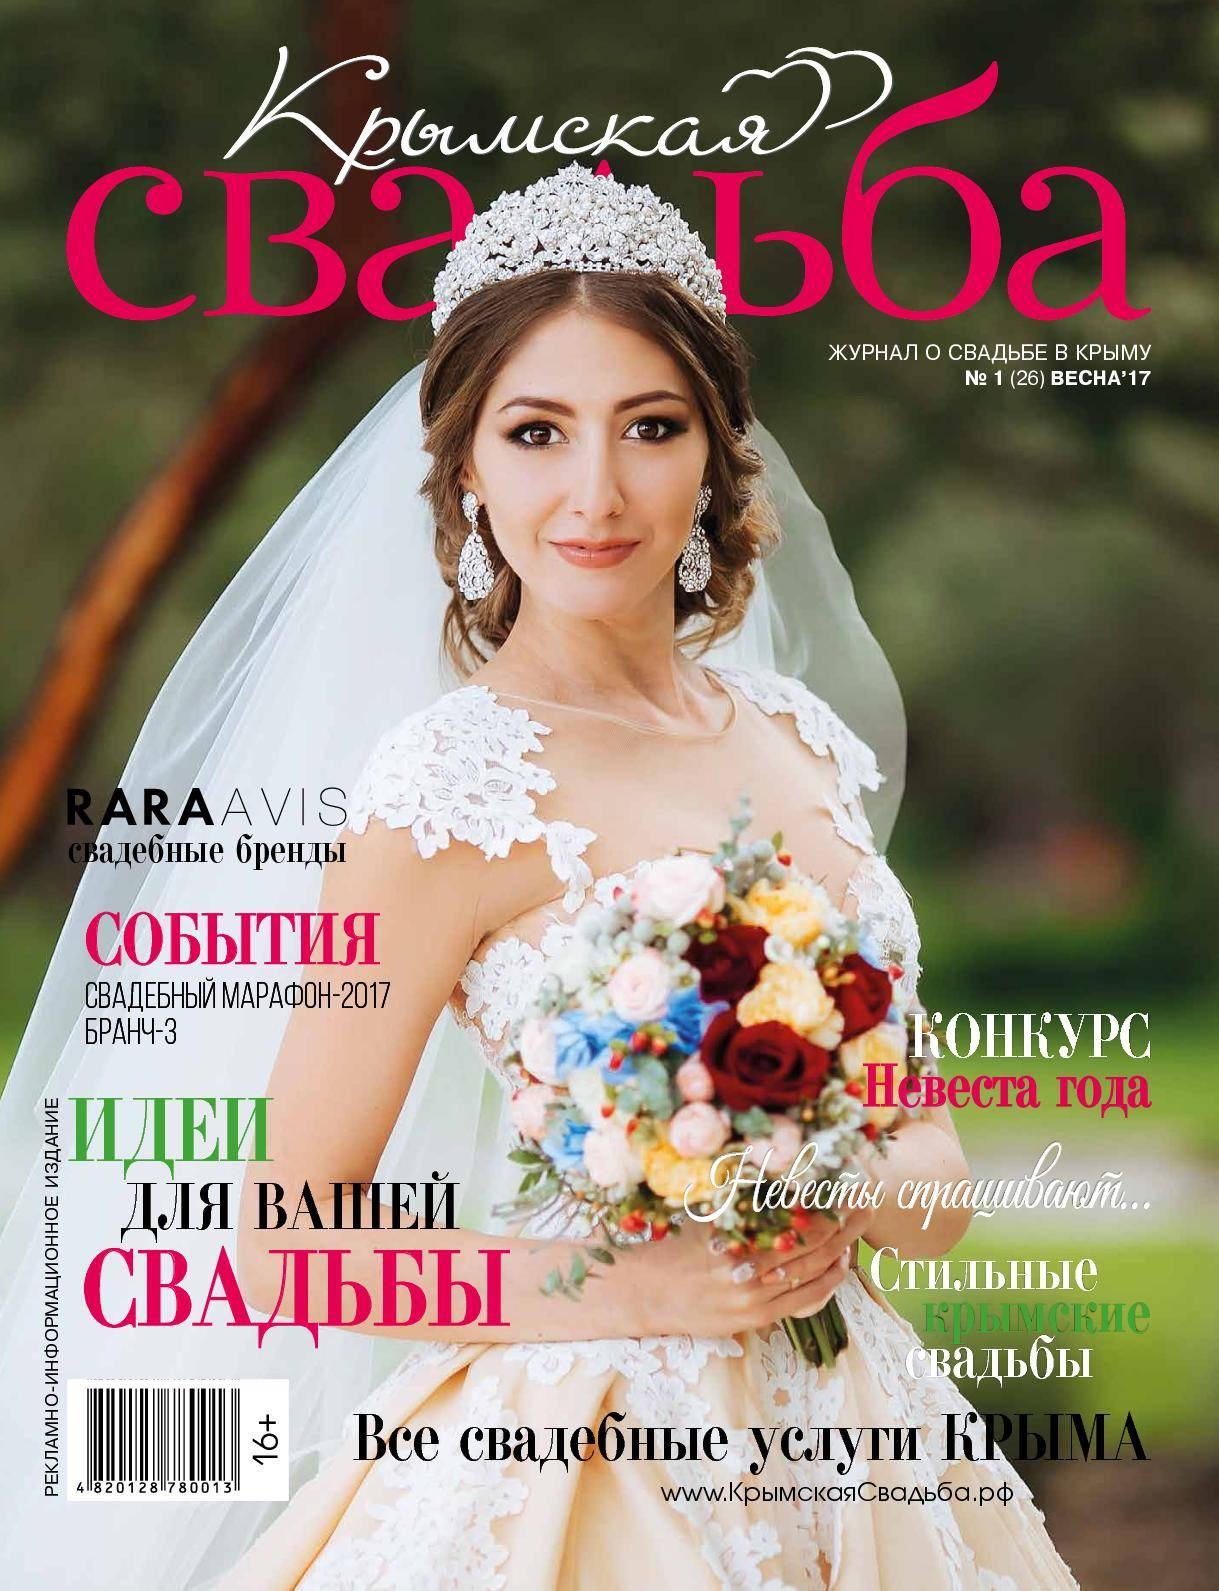 """Новый полноценный сценарий современной свадьбы """"счастливый день"""". часть 1."""